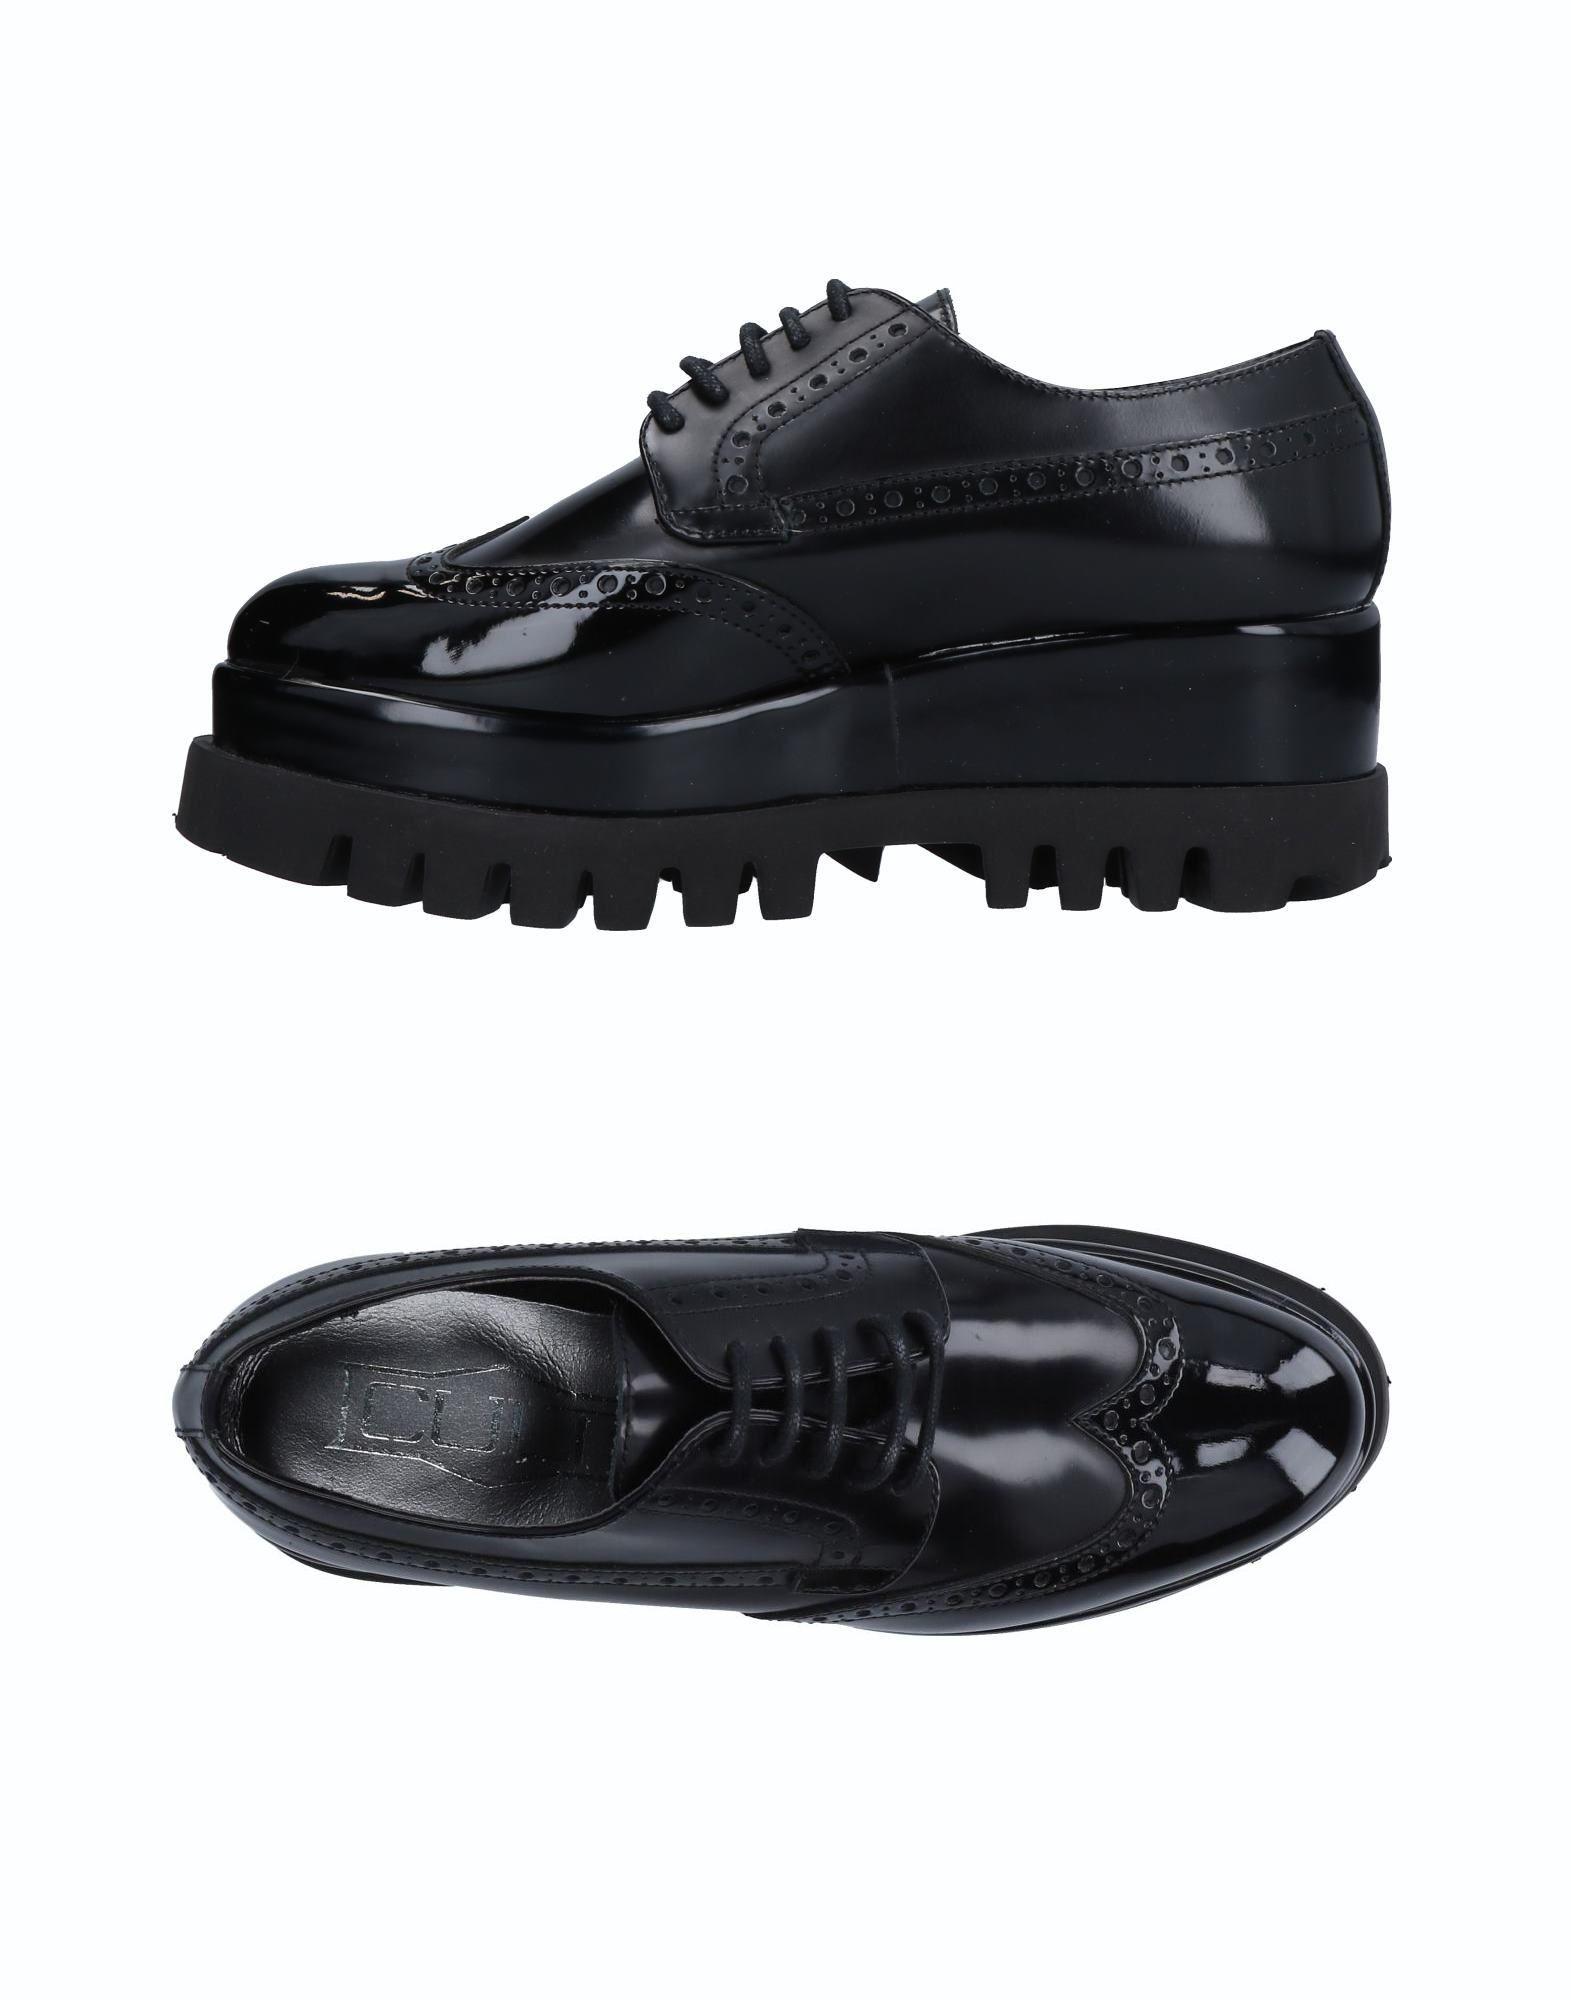 Cult Schnürschuhe Damen  11514314RX Gute Qualität beliebte Schuhe